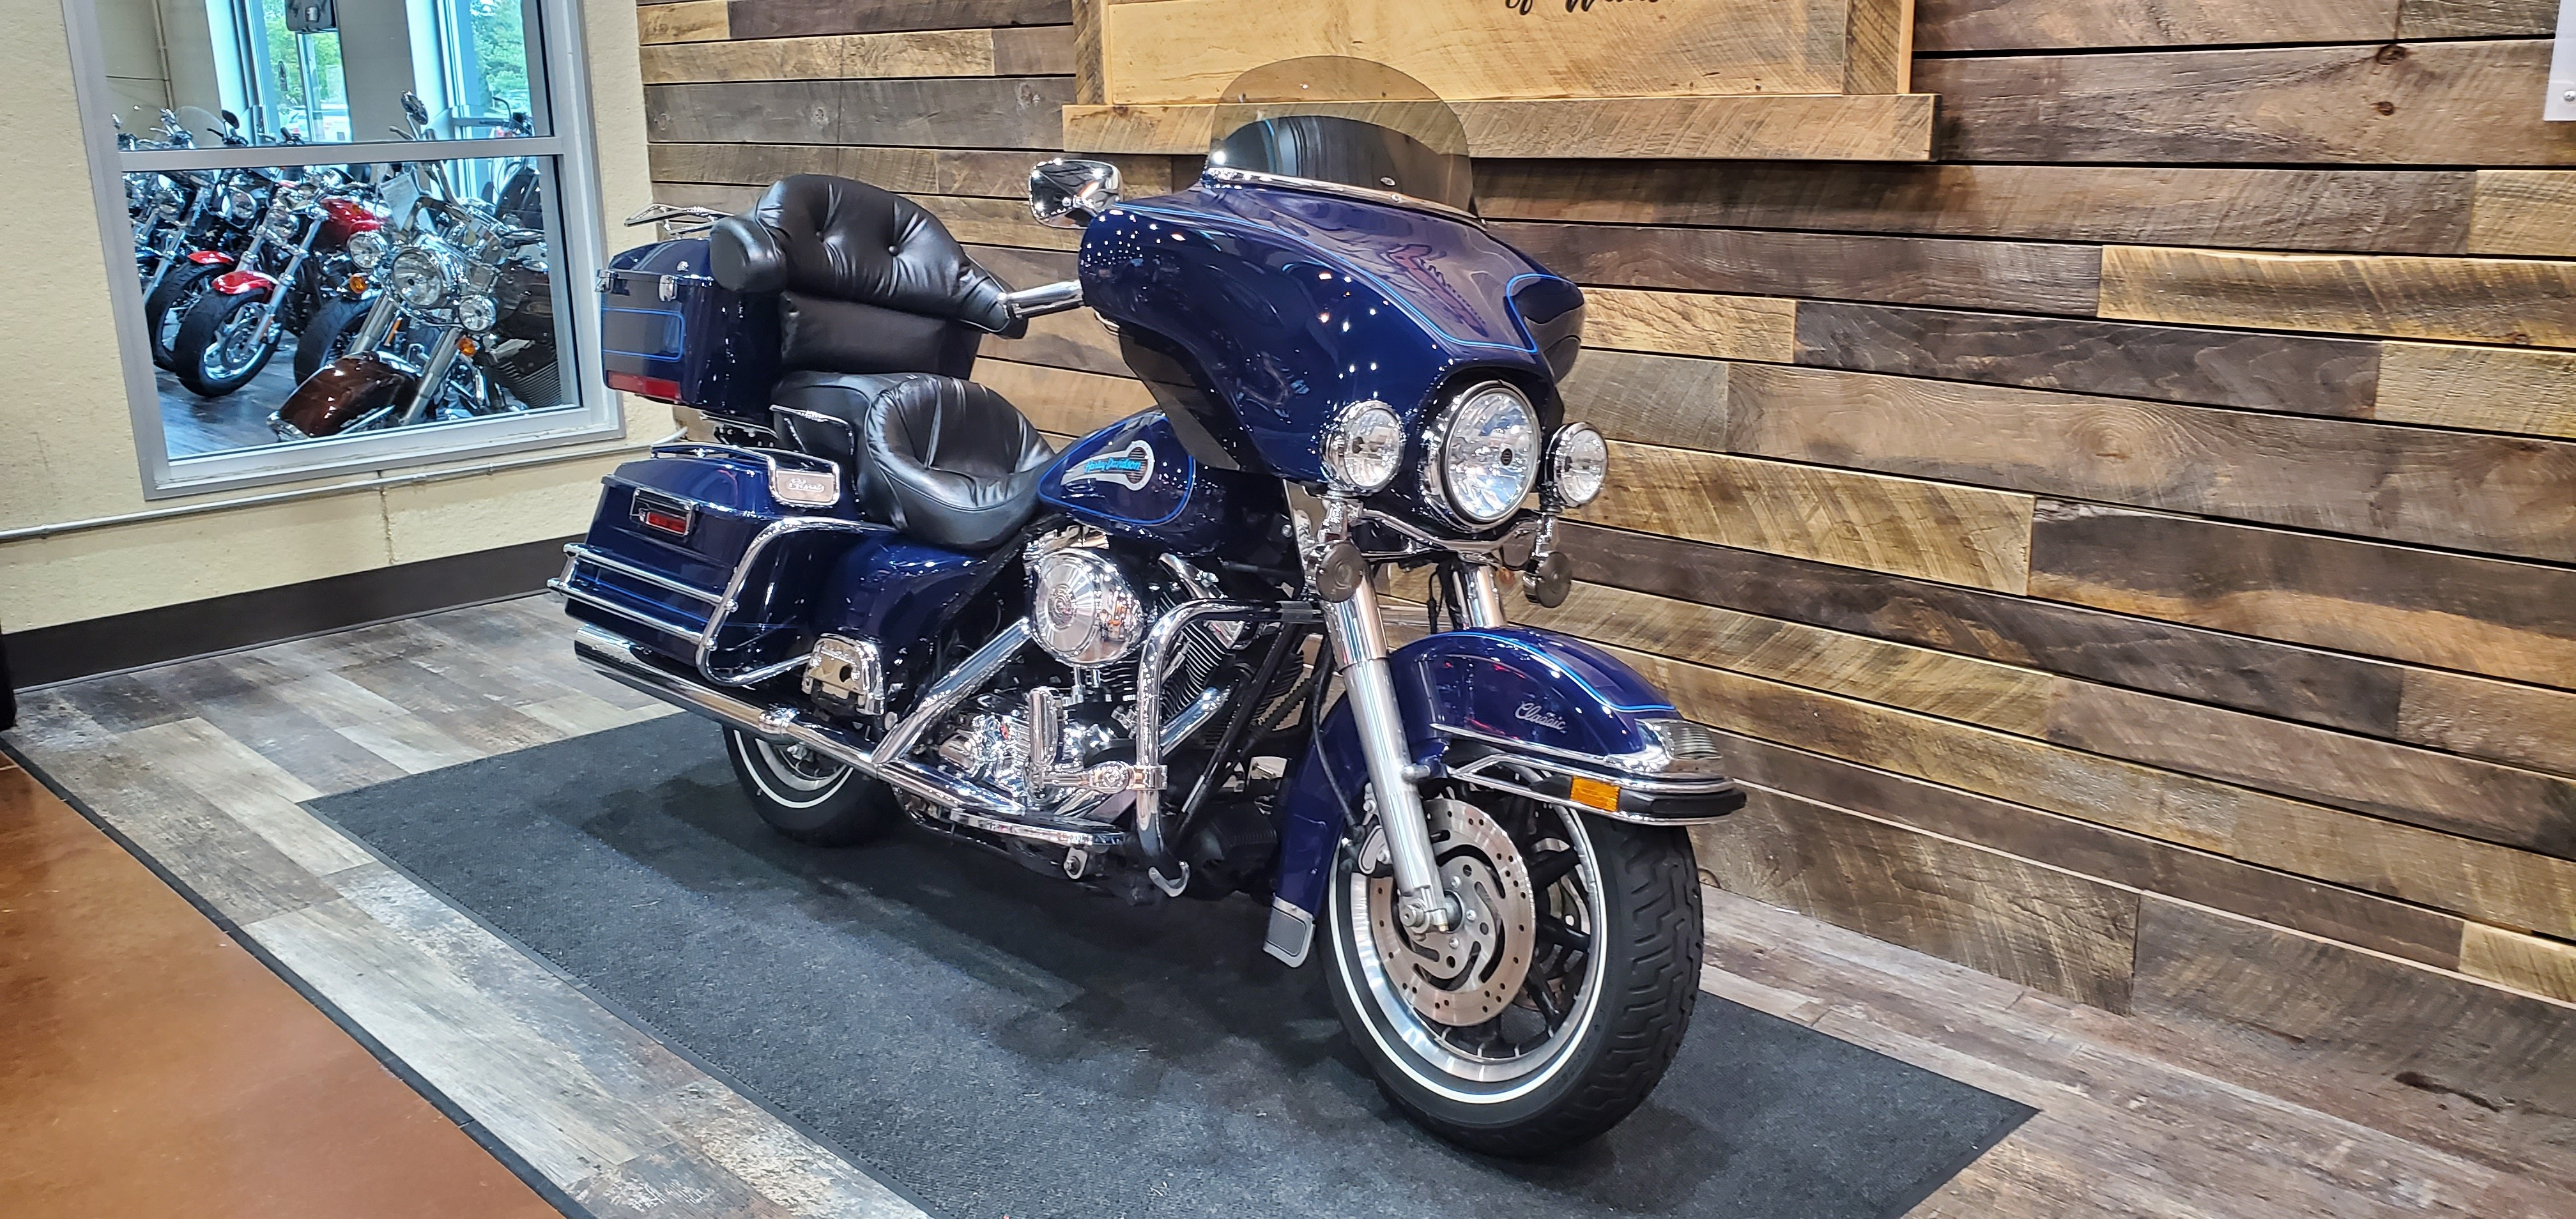 2002 Harley-Davidson FLHTC SHRINE at Bull Falls Harley-Davidson